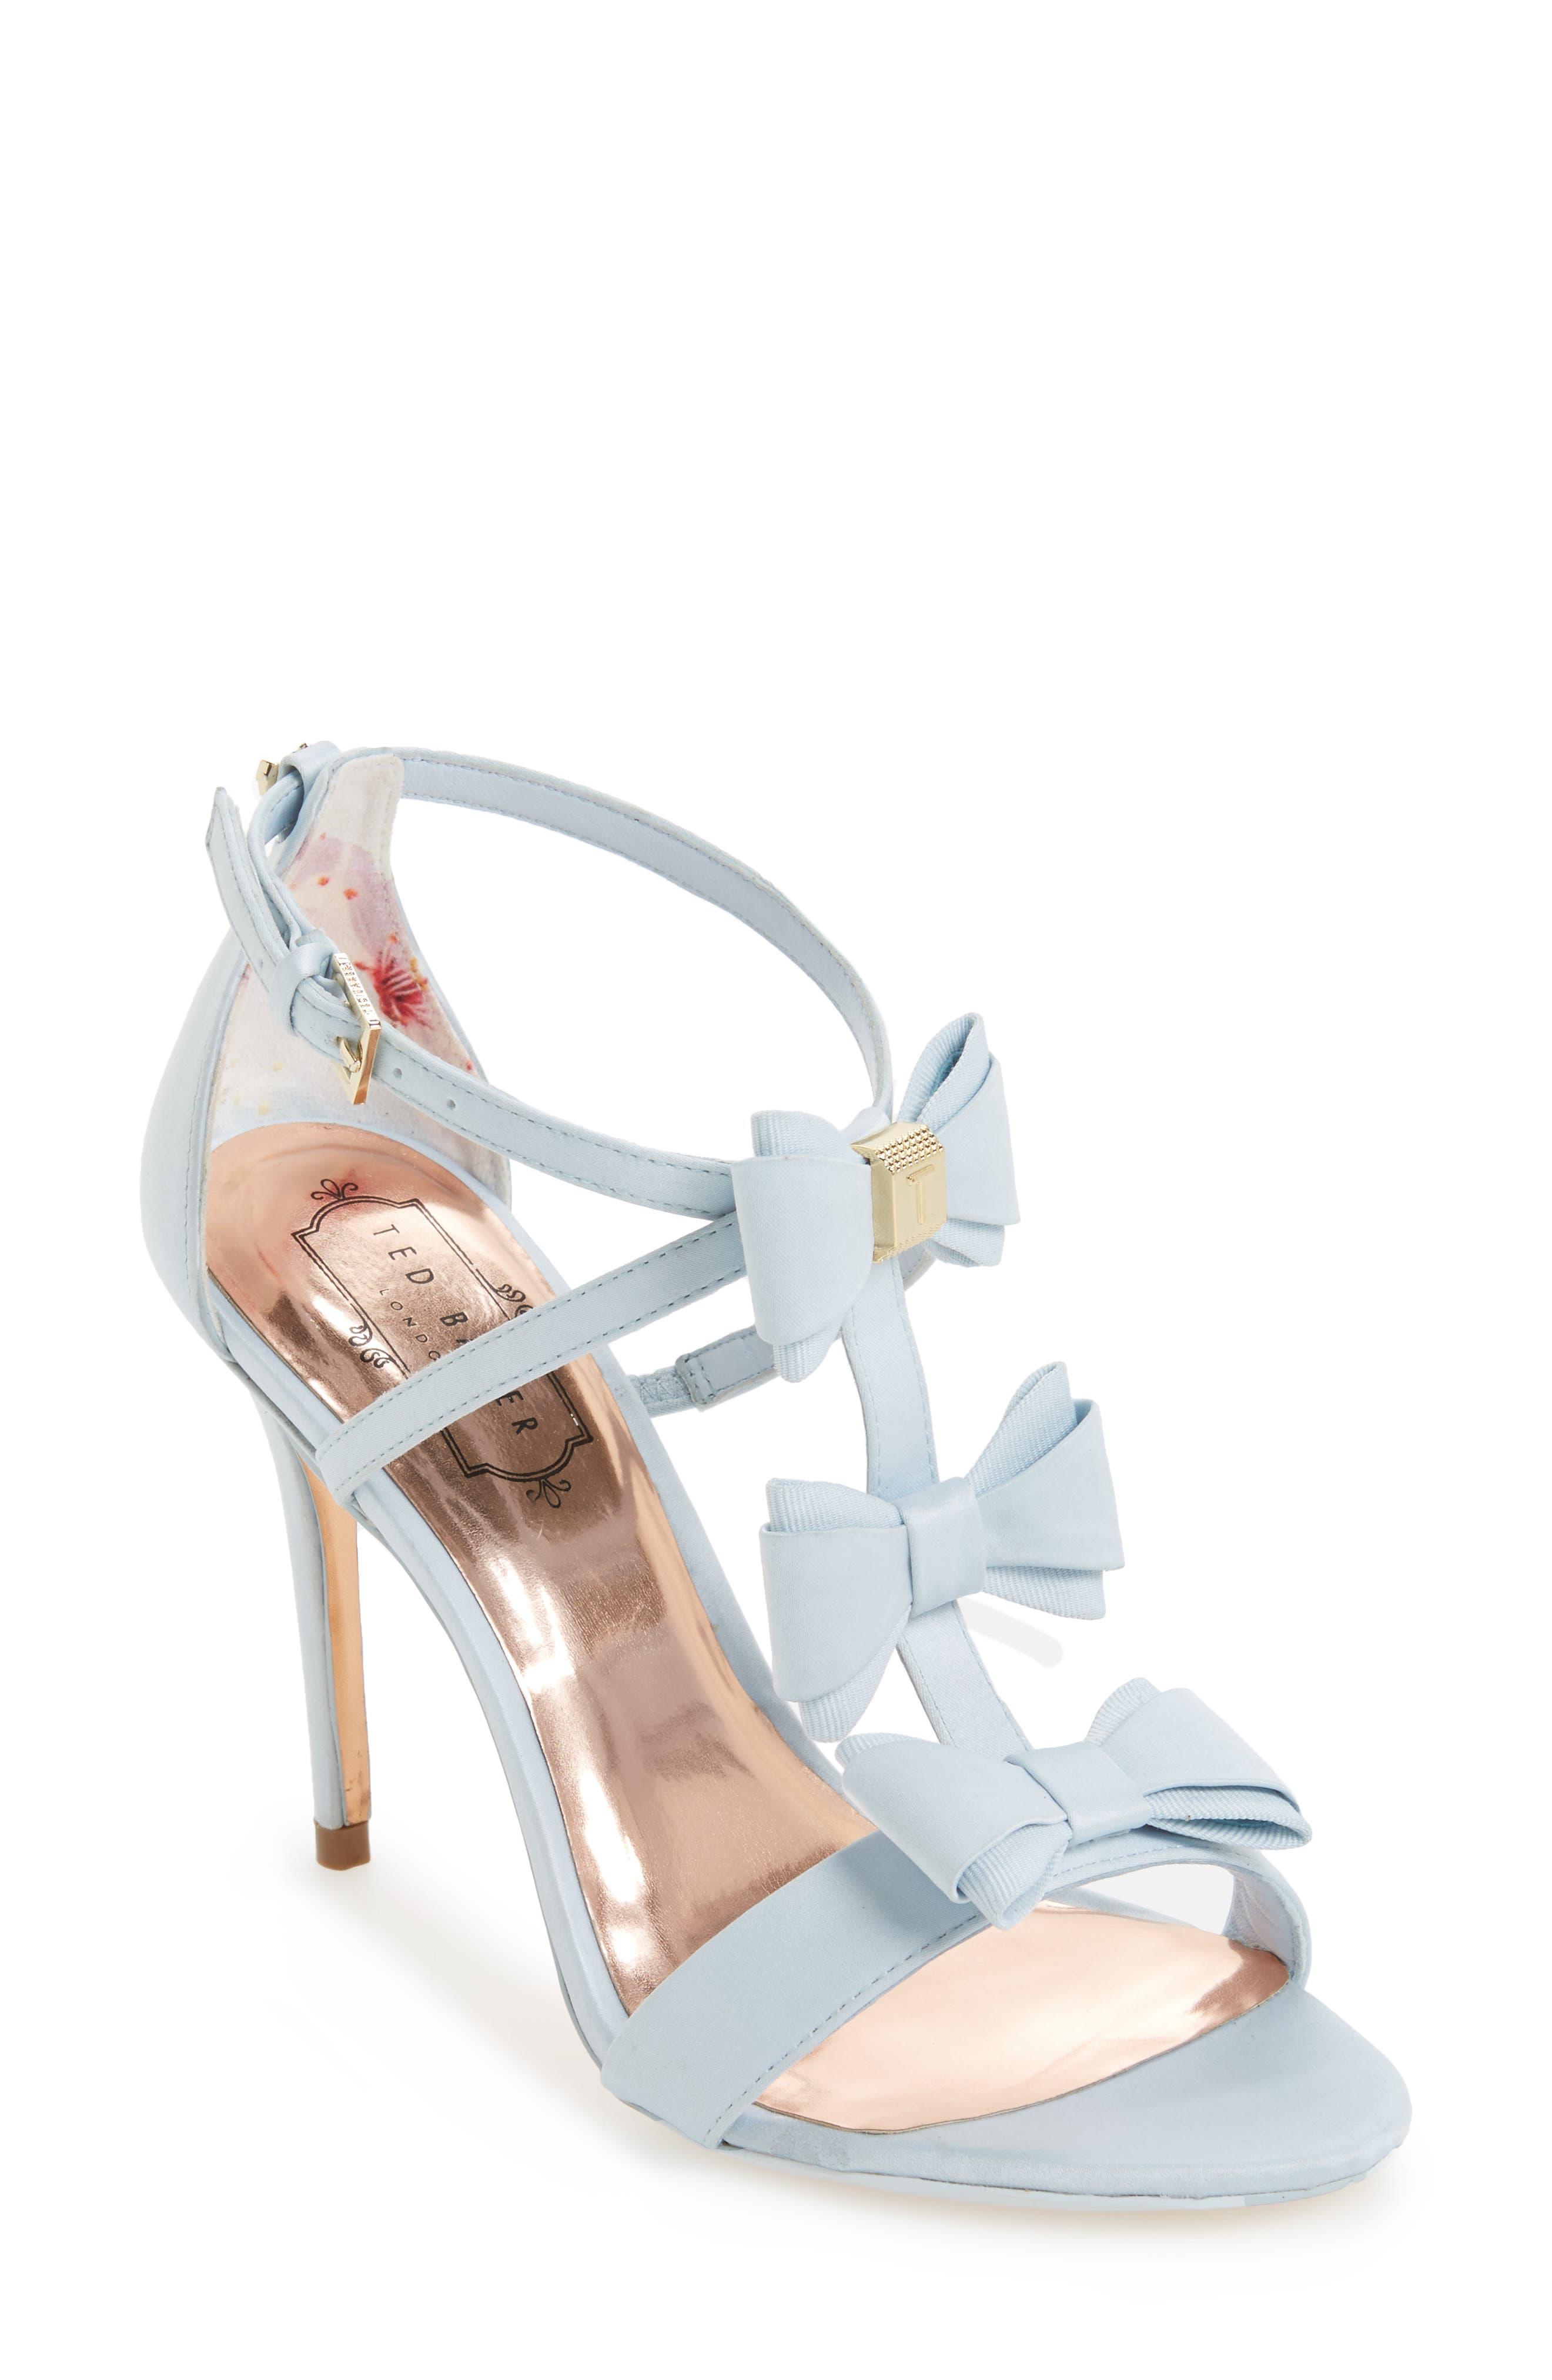 Alternate Image 1 Selected - Ted Baker Appolini Bow Sandal (Women)